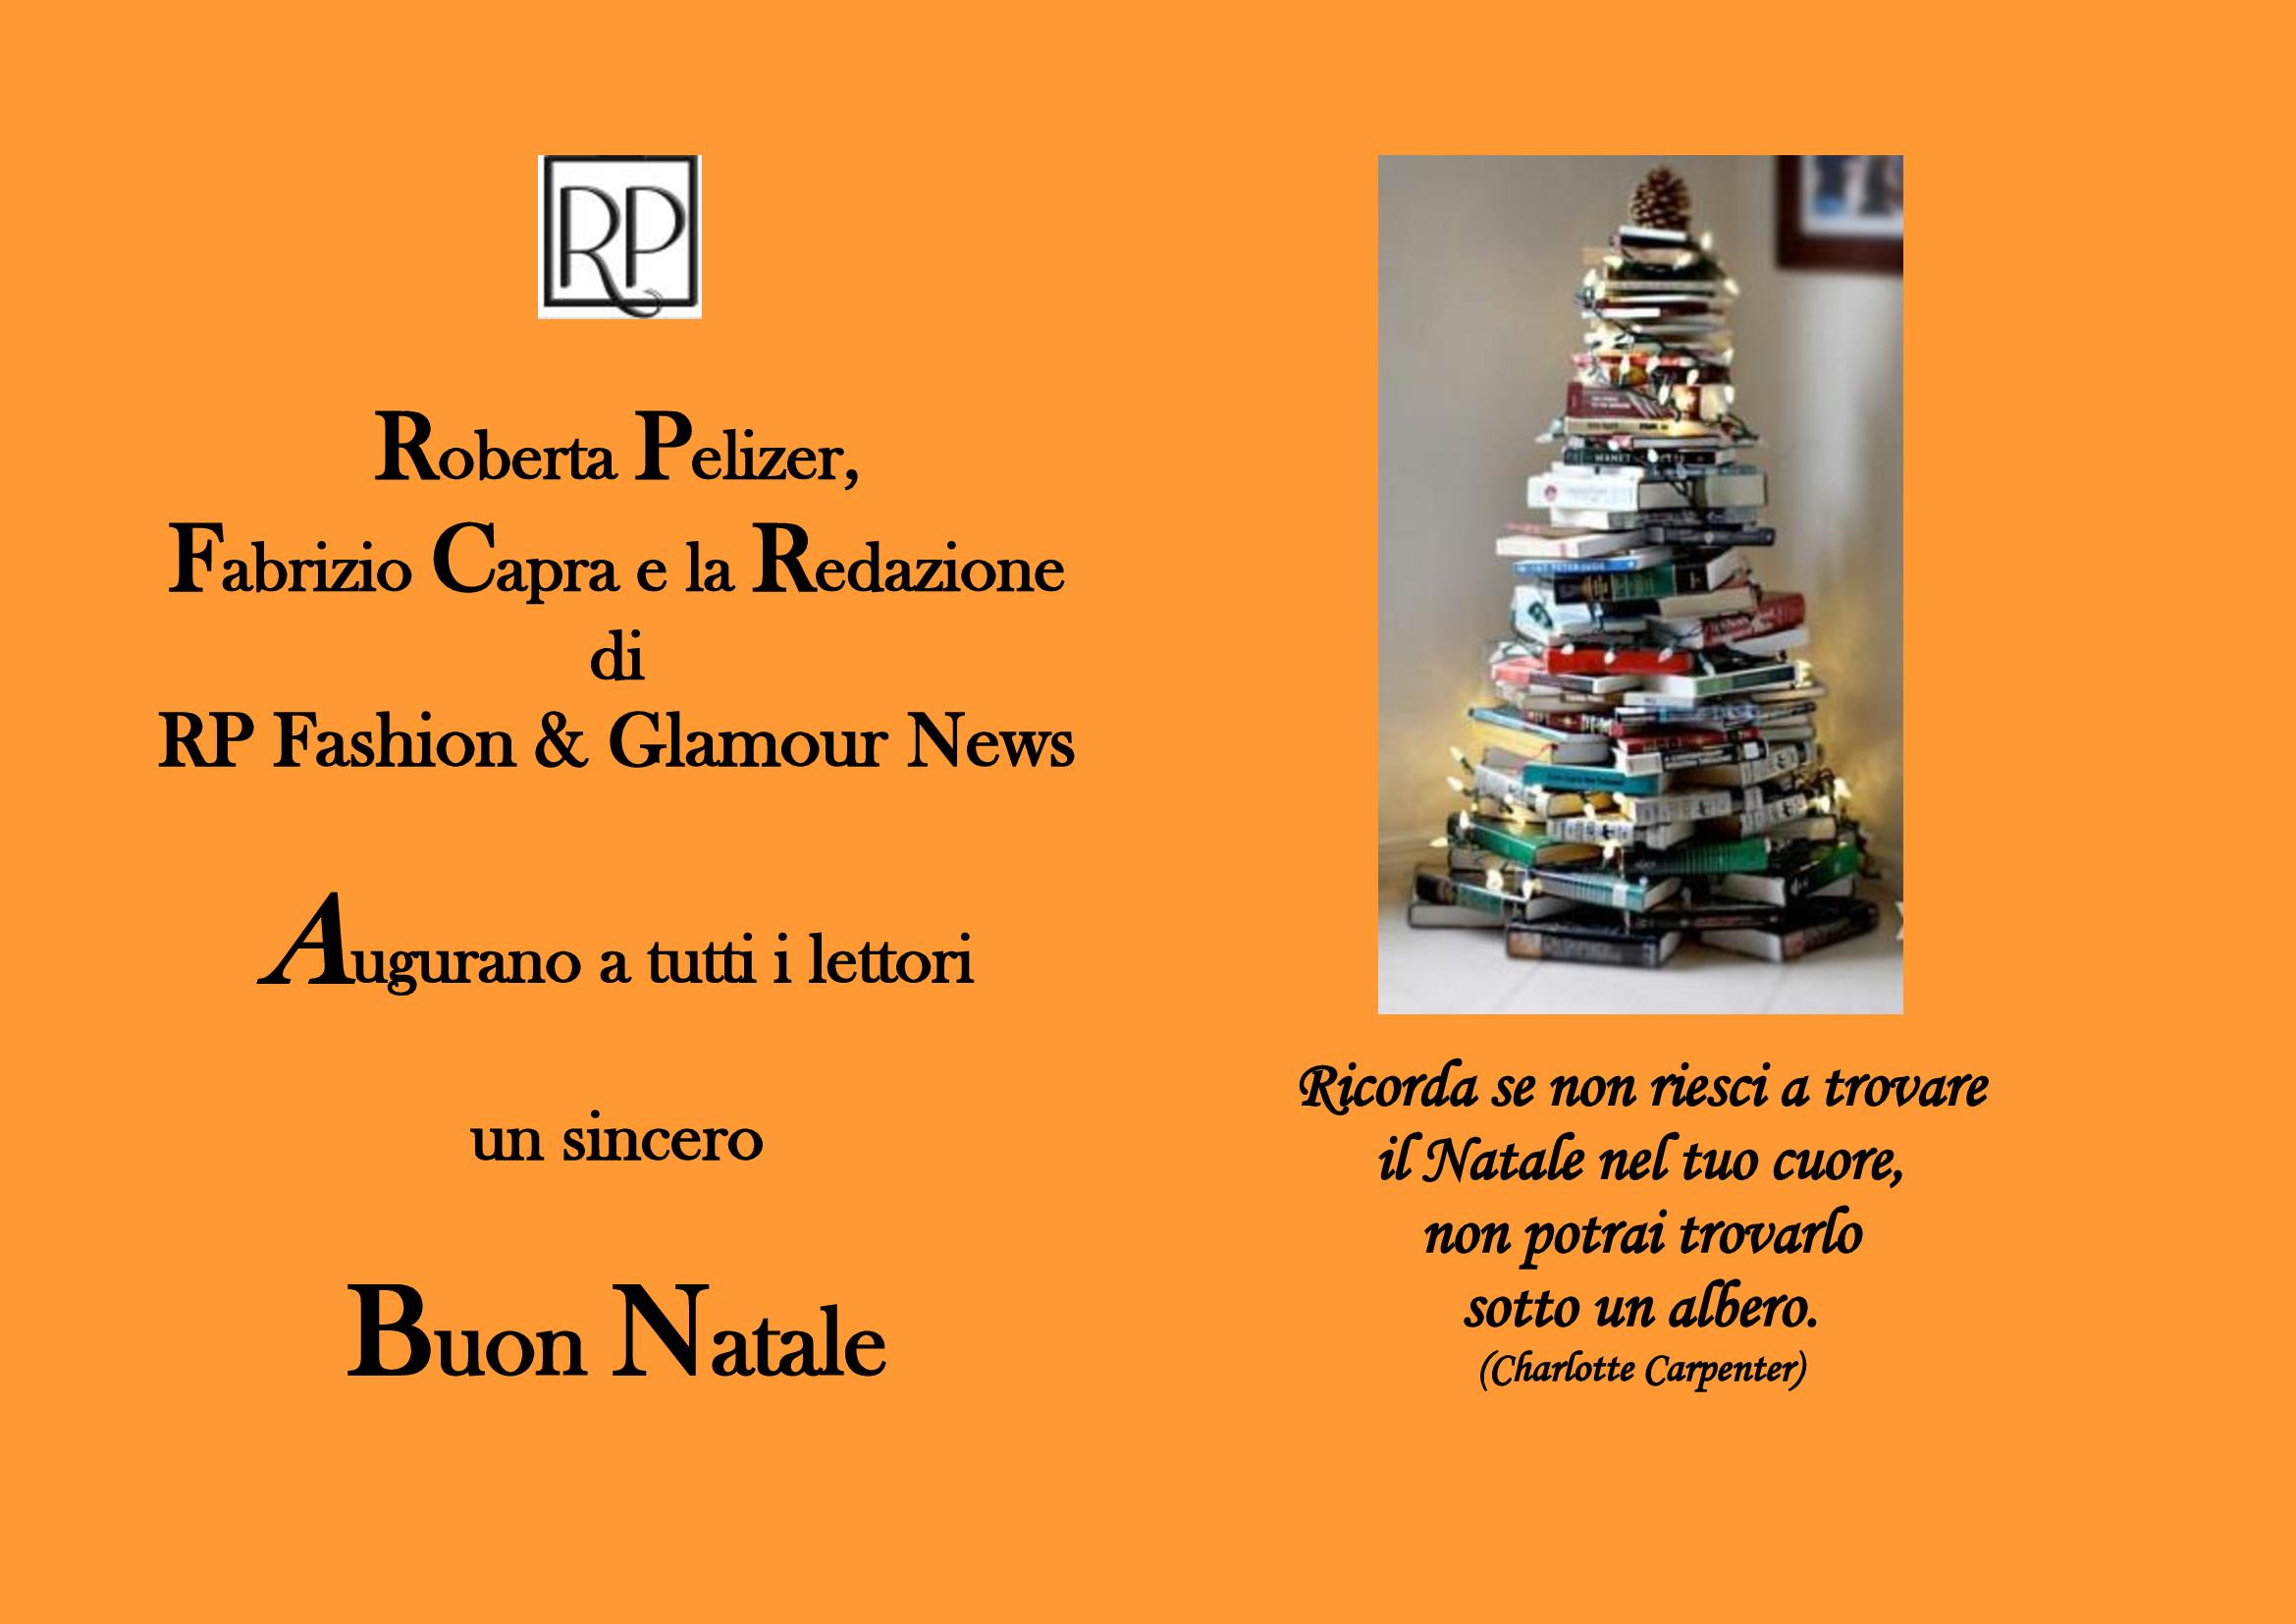 Gli Auguri Di Natale Quando Si Fanno.Buon Natale Da Parte Di Rp Fashion Glamour News Una Breve